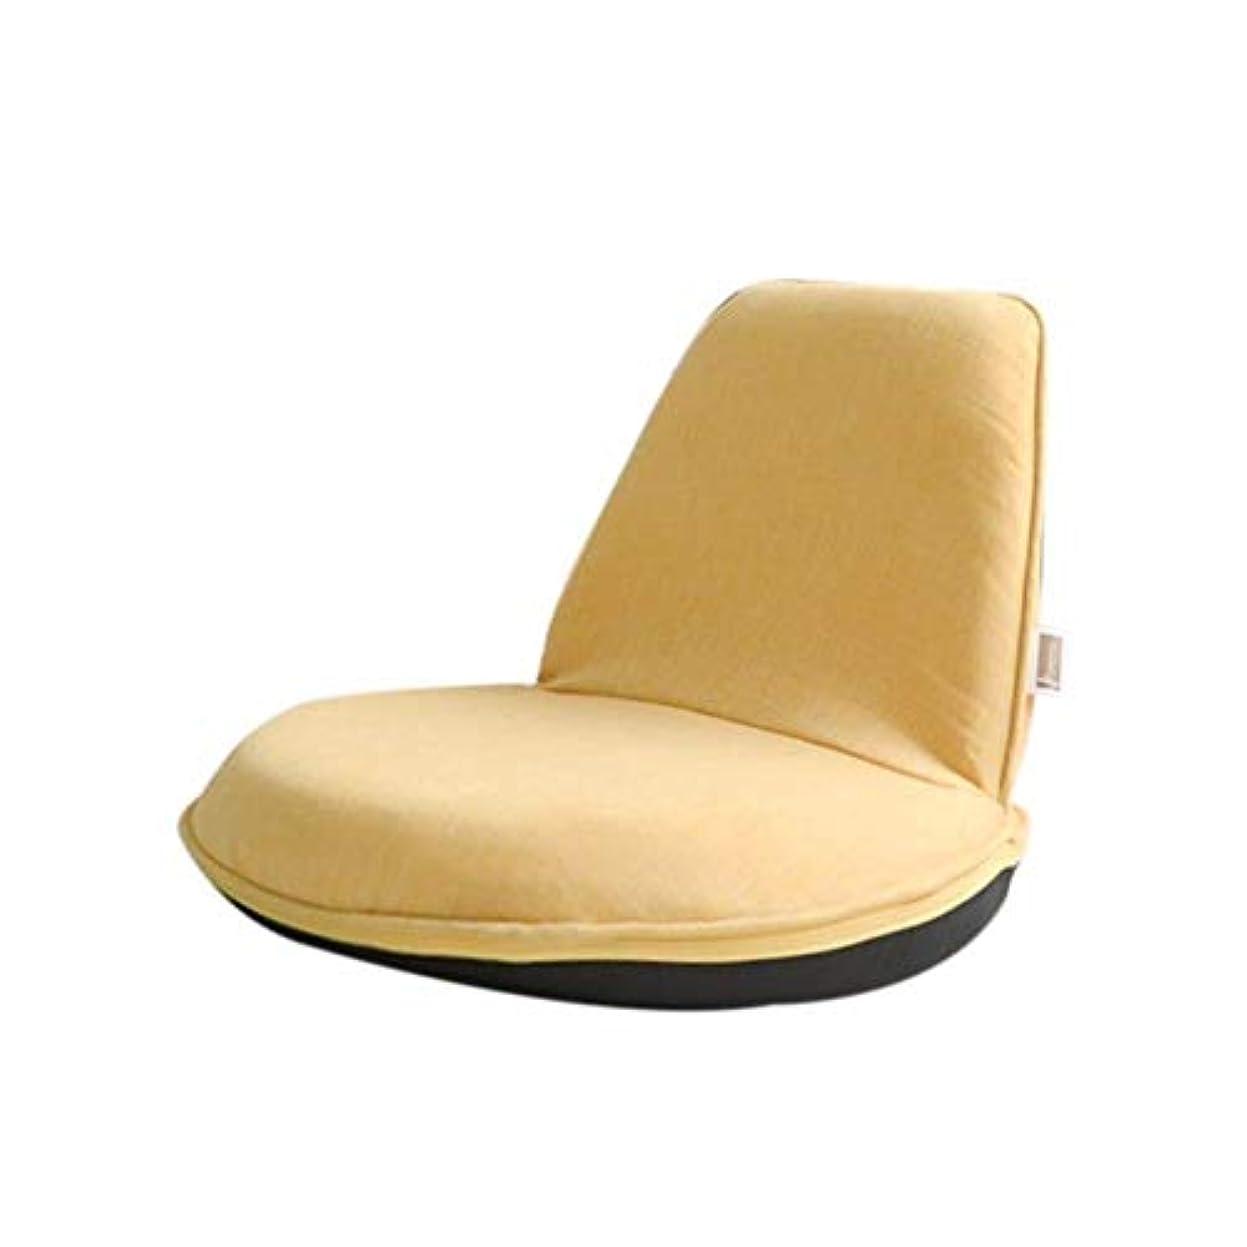 推進休眠予防接種する瞑想チェア、レイジーチェア、子供用シングルミニ折りたたみフロアチェア、ベッドルームレイジースモールソファ、ゲームチェア、畳、背もたれ付きベッドルームベイウィンドウ日本の椅子 (Color : 黄)